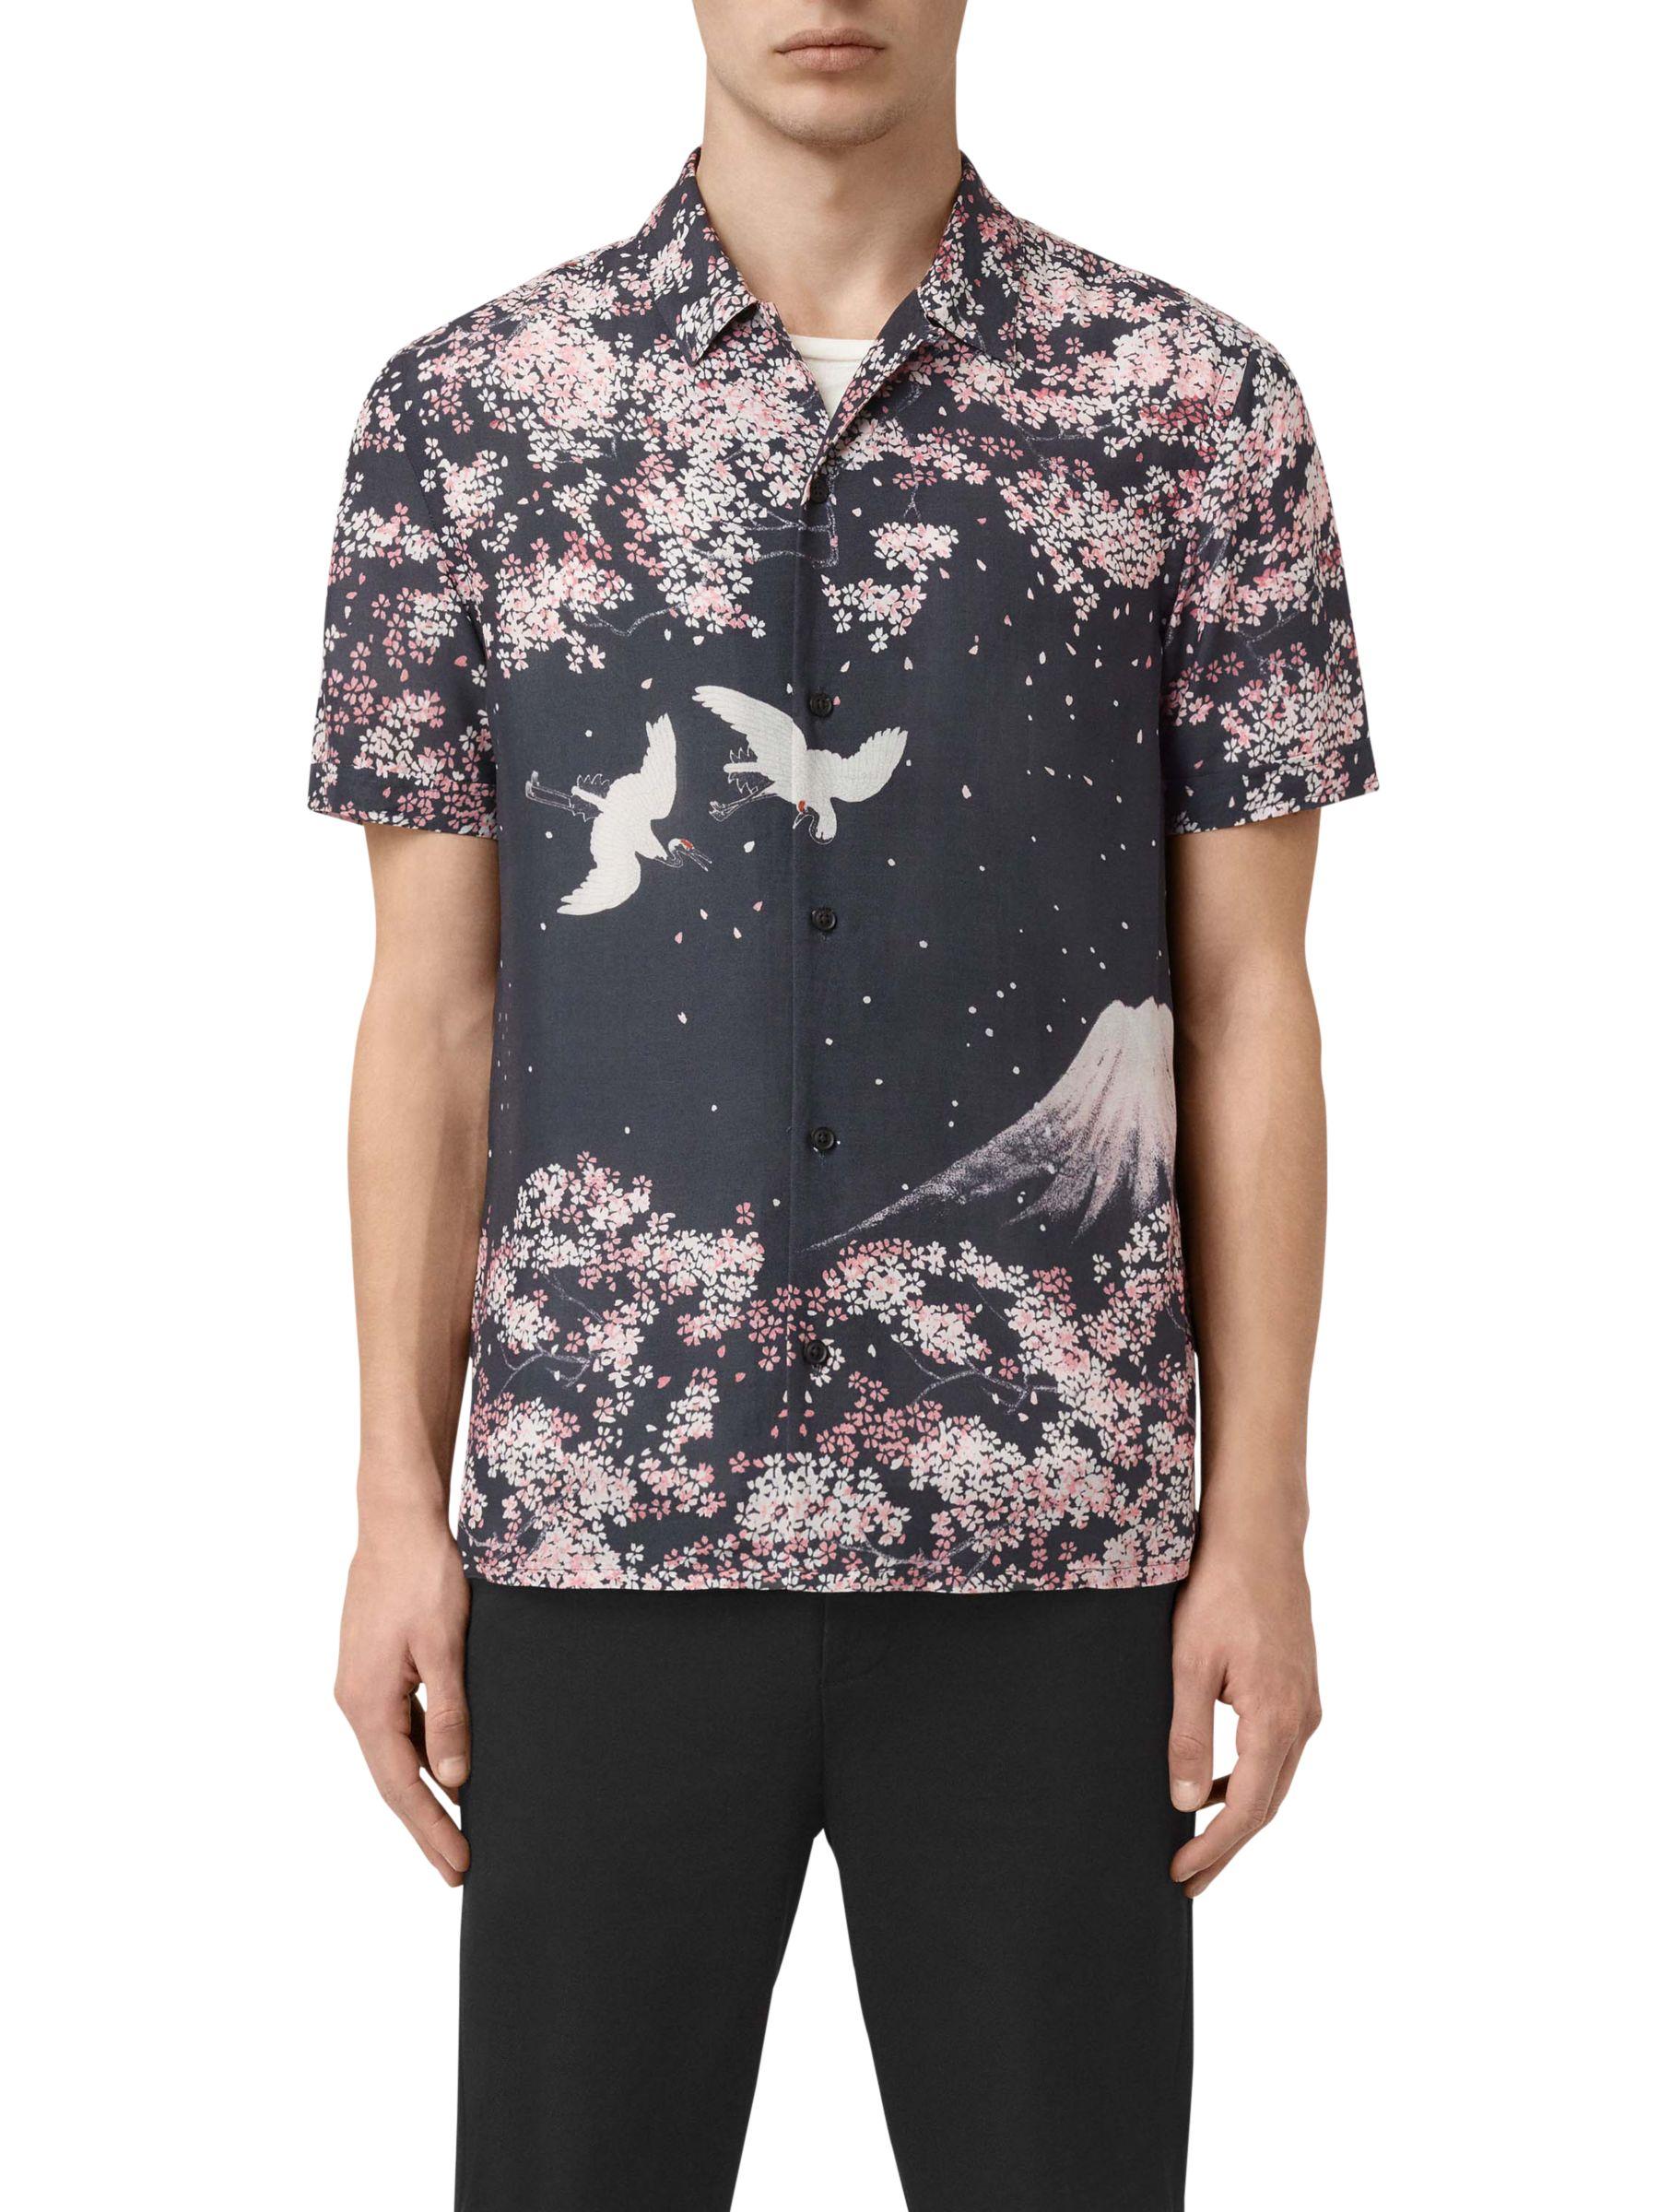 AllSaints AllSaints Sakura Short Sleeve Slim Shirt, Dark Grey